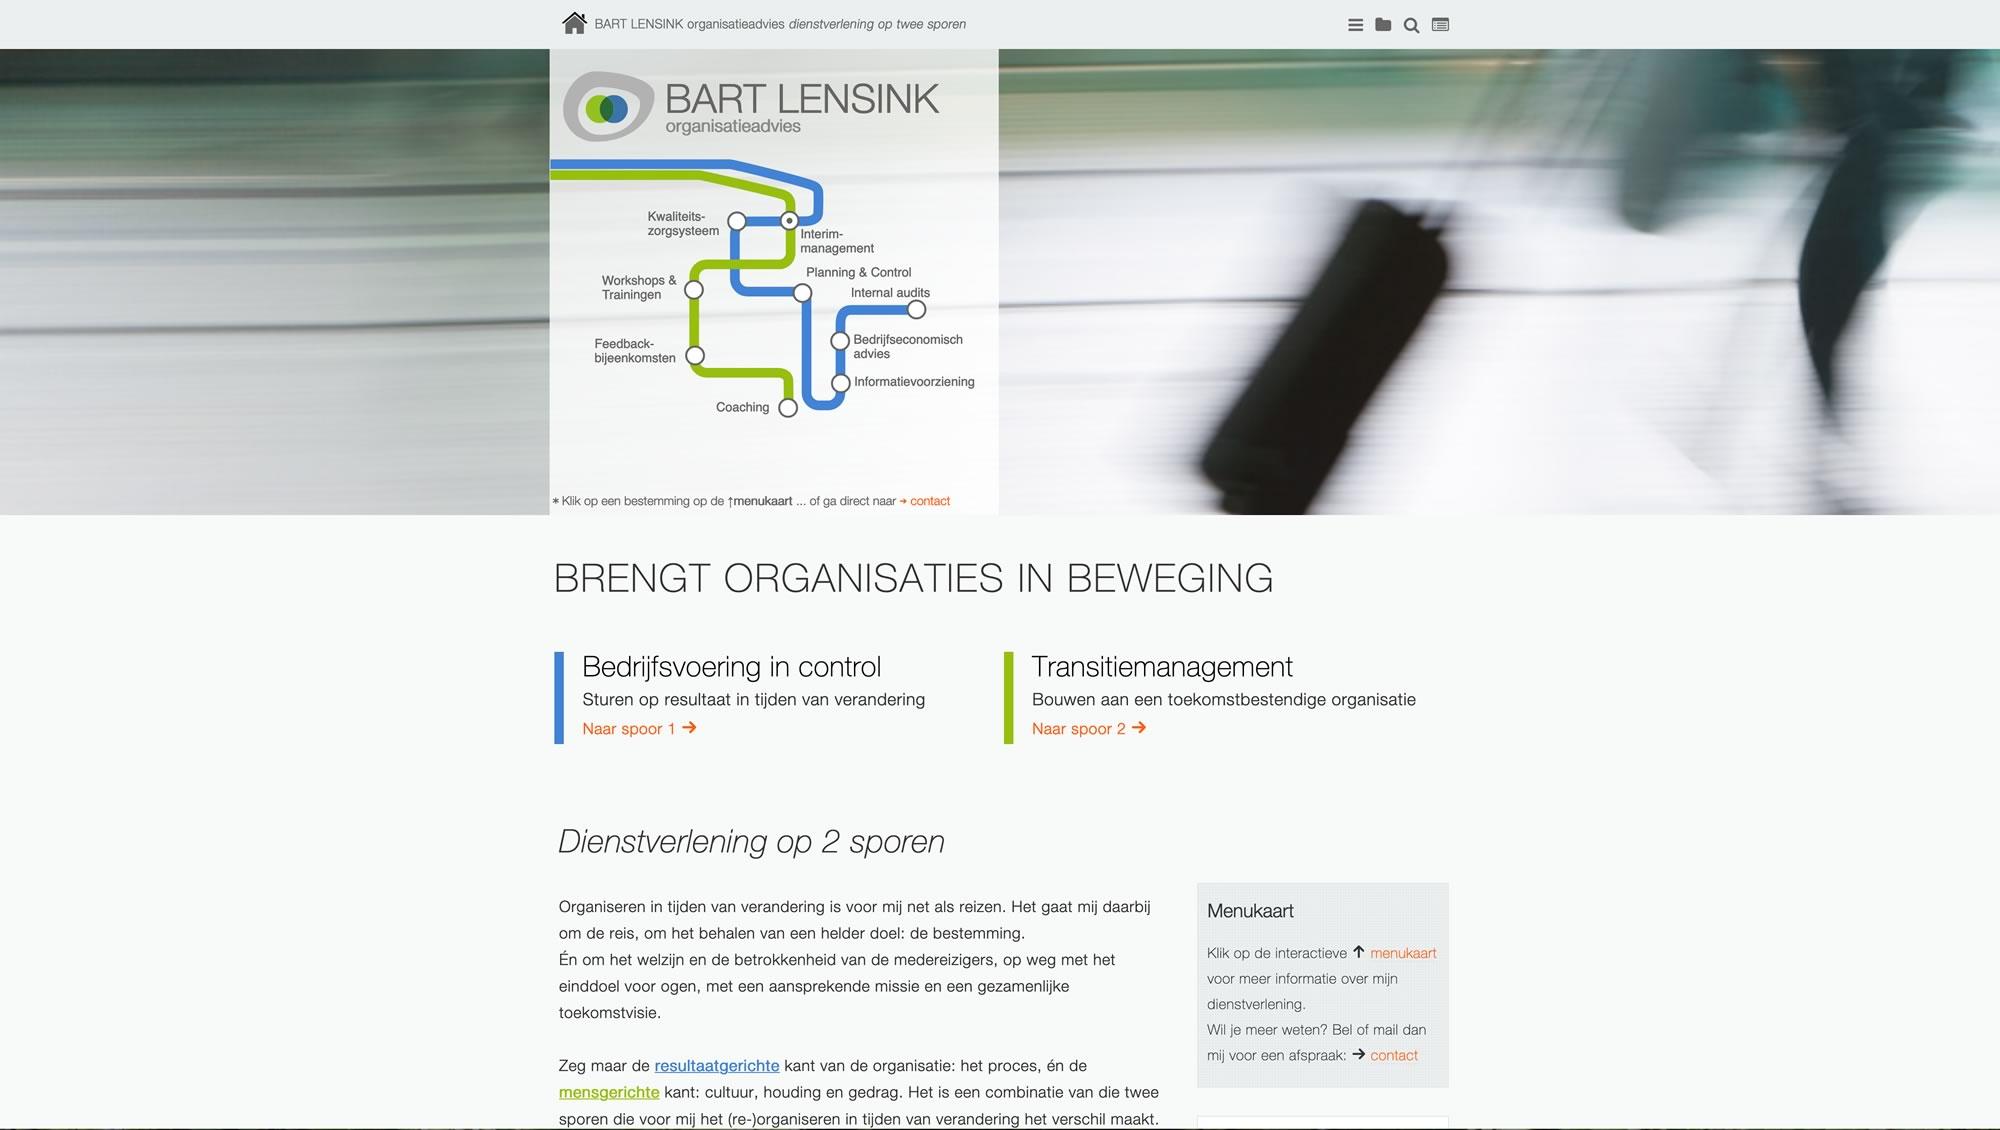 Bart Lensink